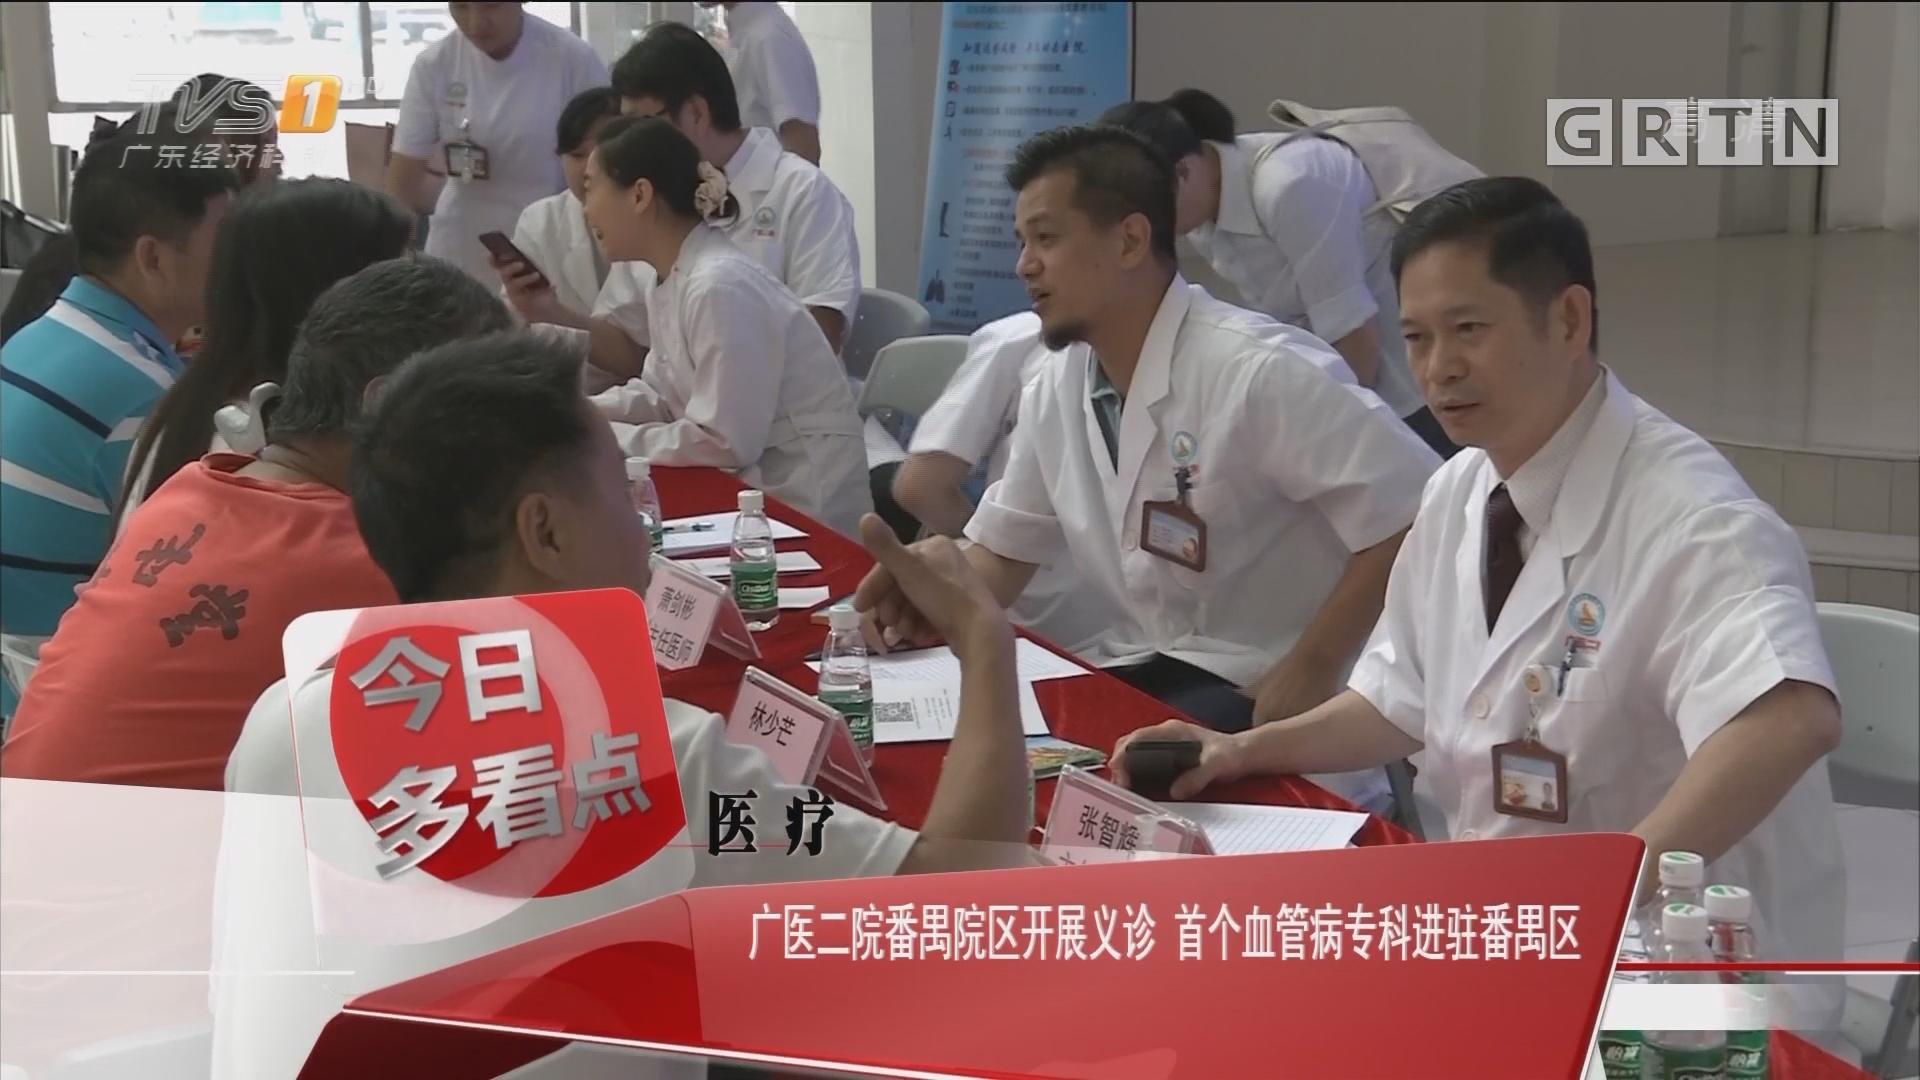 医疗:广医二院番禺院区开展义诊 首个血管病专科进驻番禺区